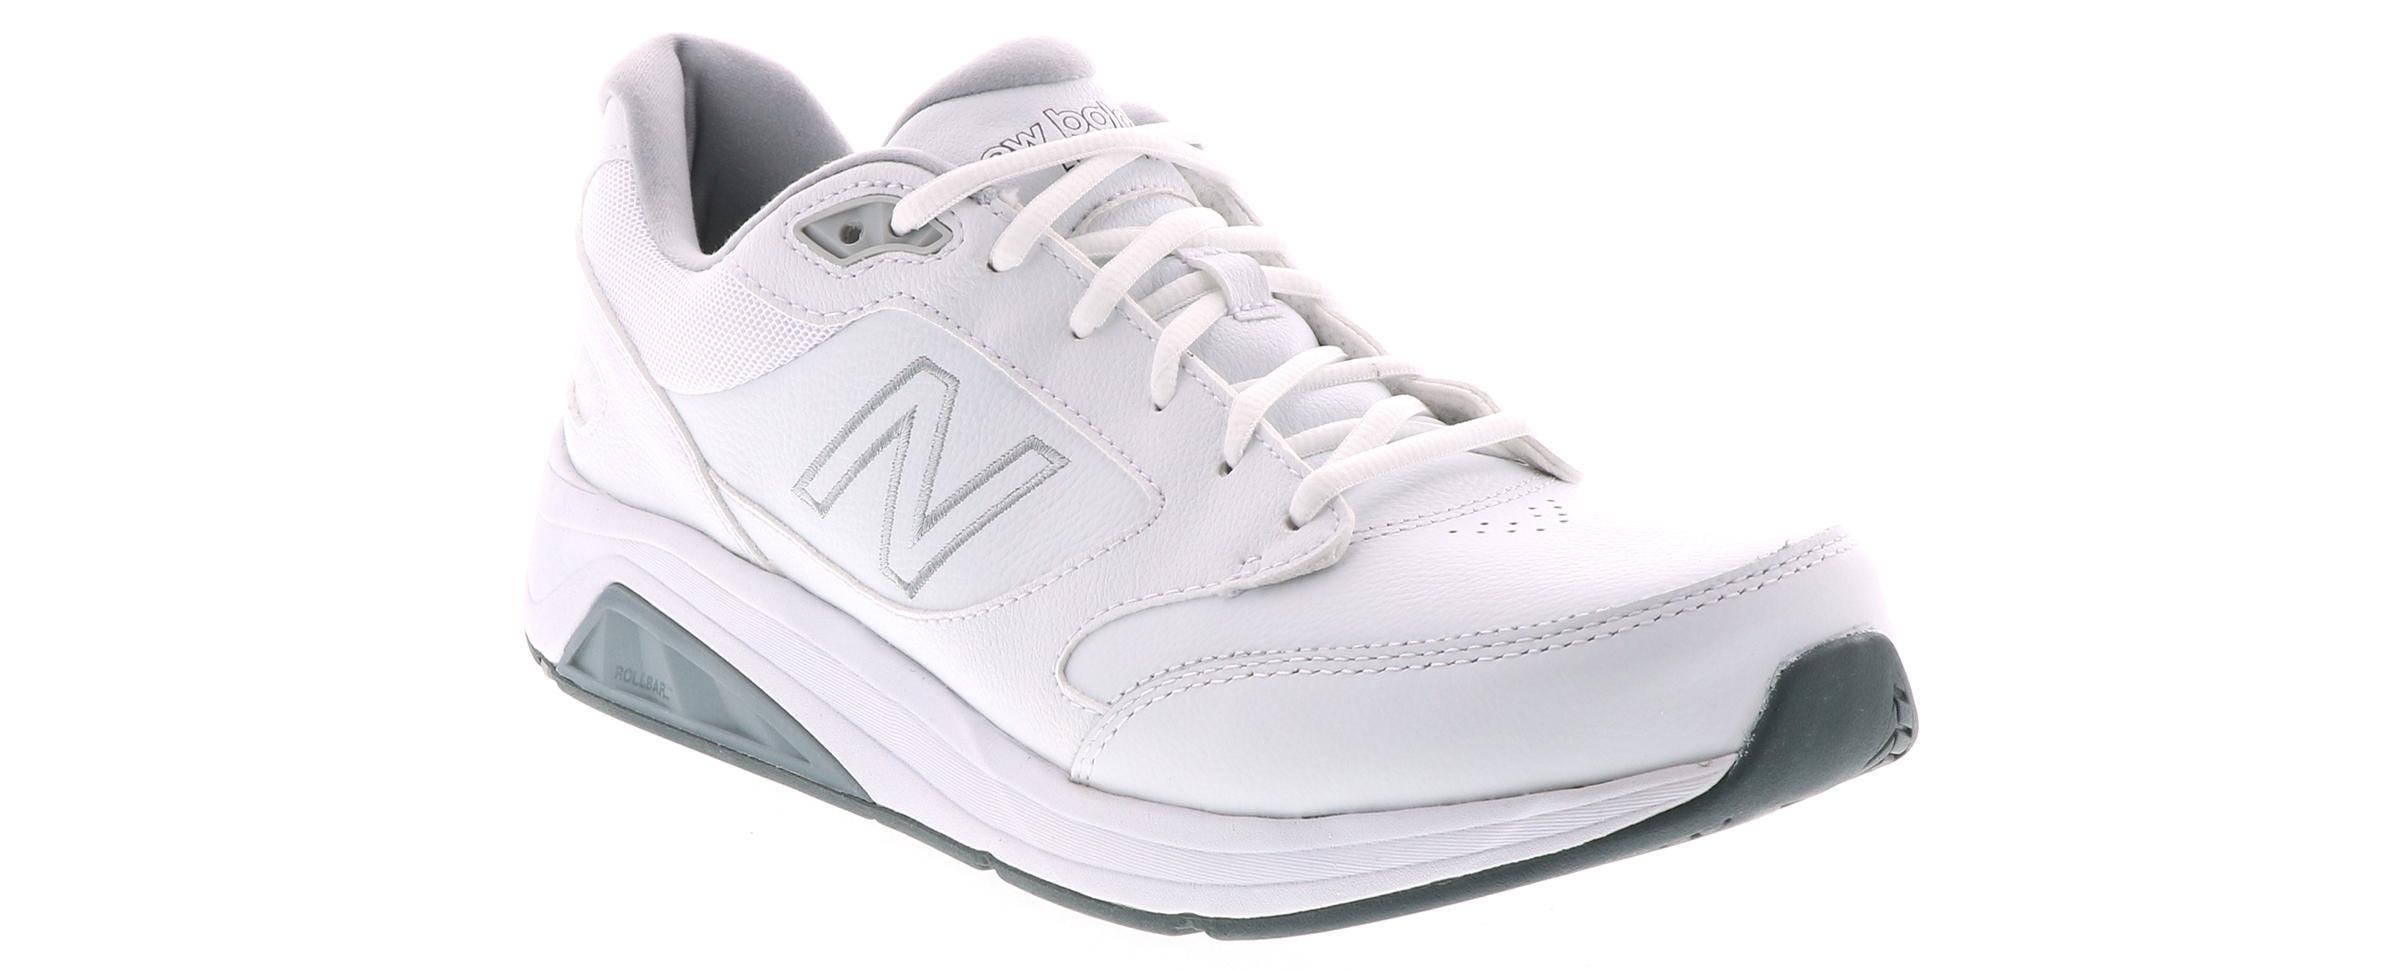 d3e898da44 Men's New Balance 928v3